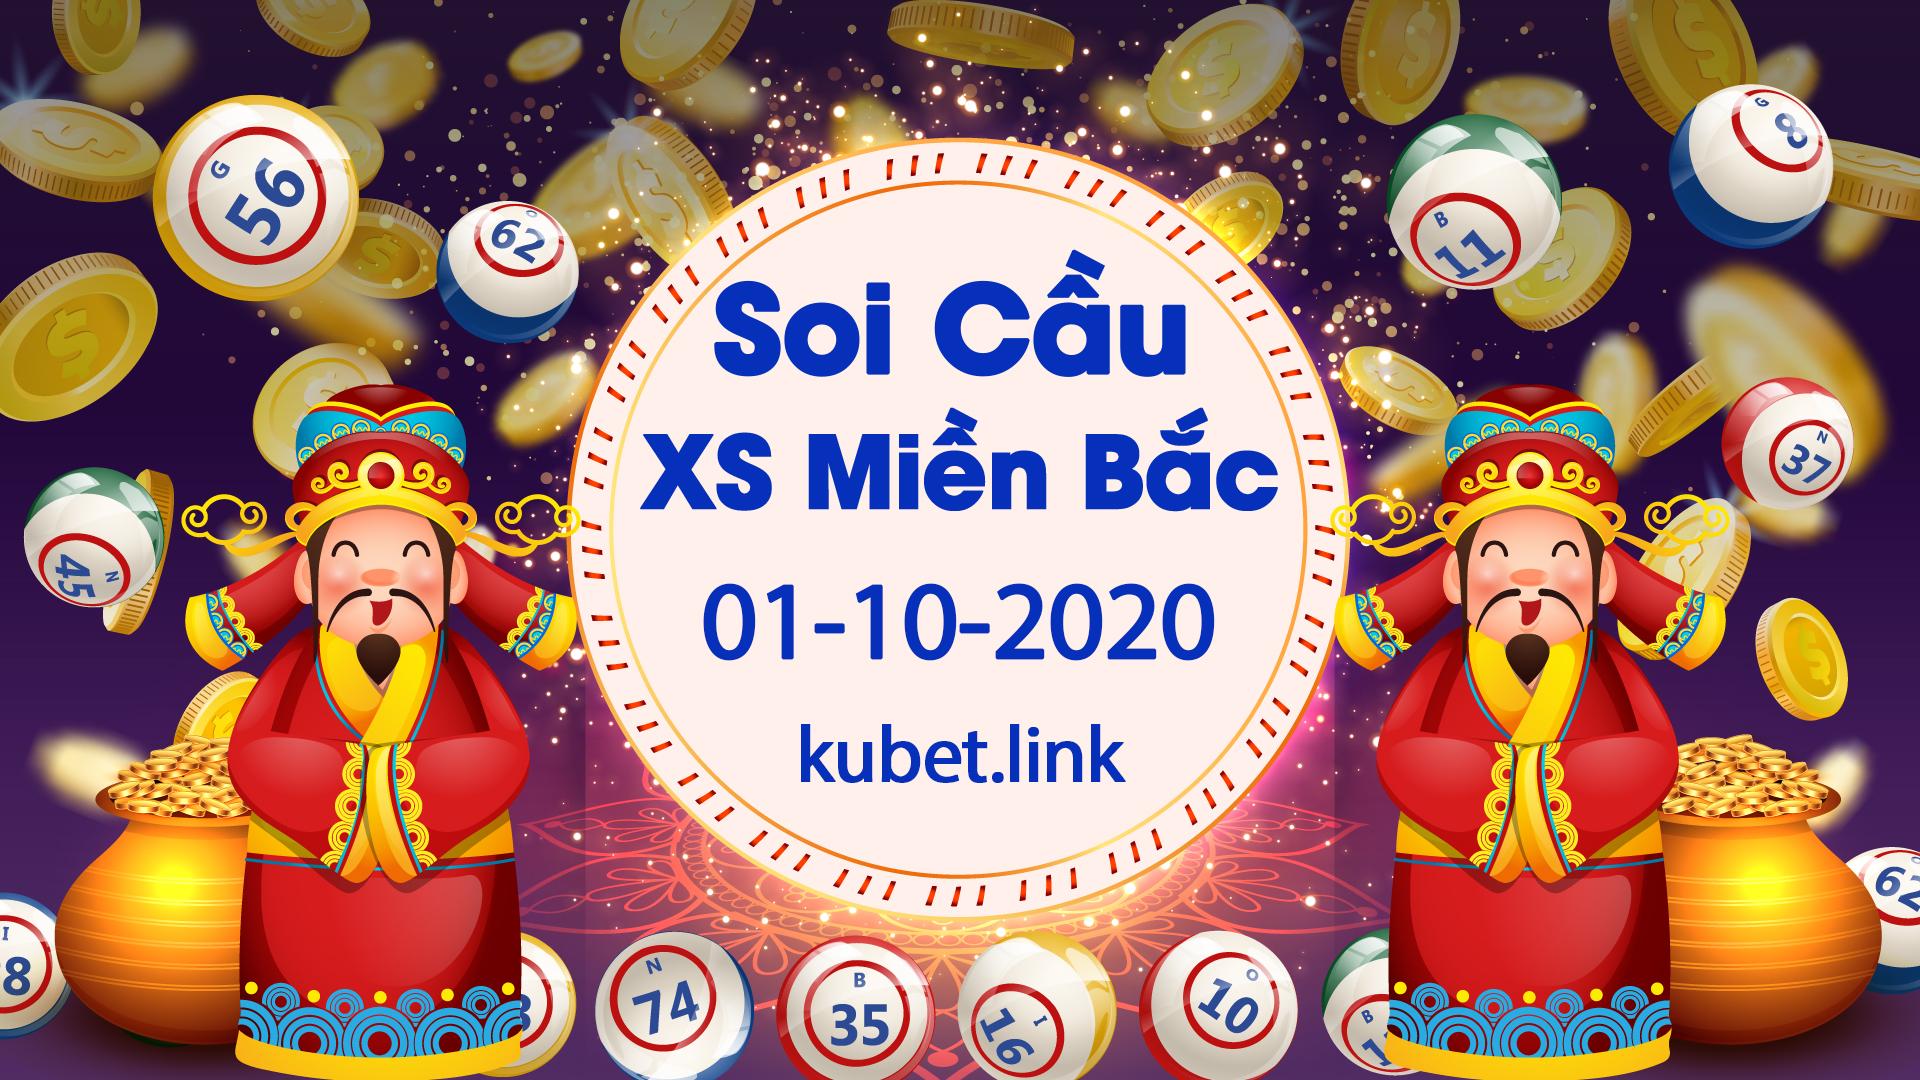 Soi cầu XSMB 01-10-2020